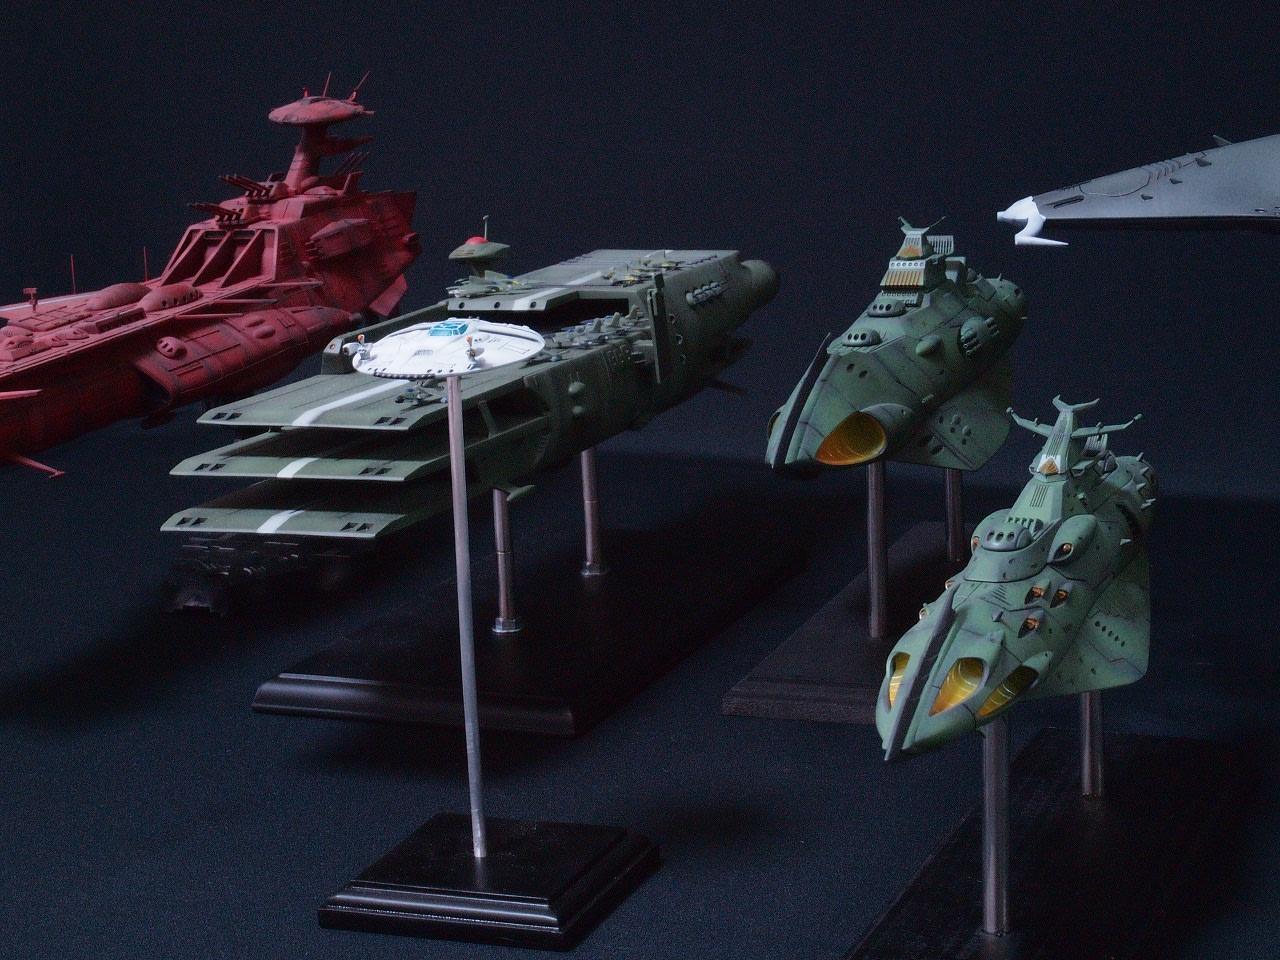 宇宙戦艦ヤマト2202 2ちゃんねる 2ちゃんねる guzome 宇宙戦艦ヤマト2202 2ちゃ